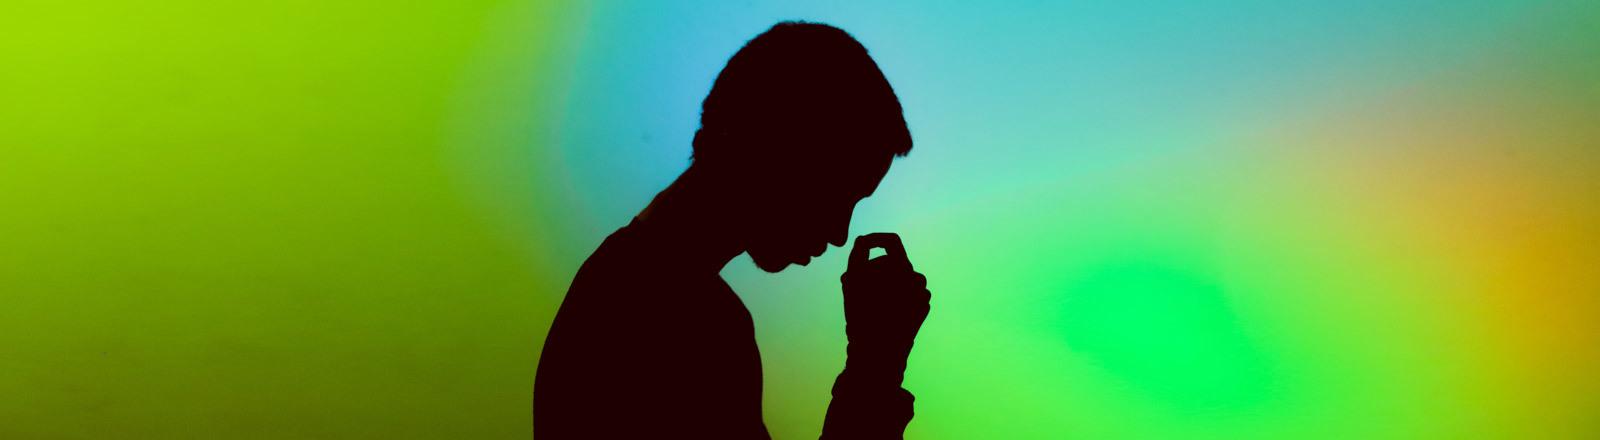 Die Silhouette eines Mannes